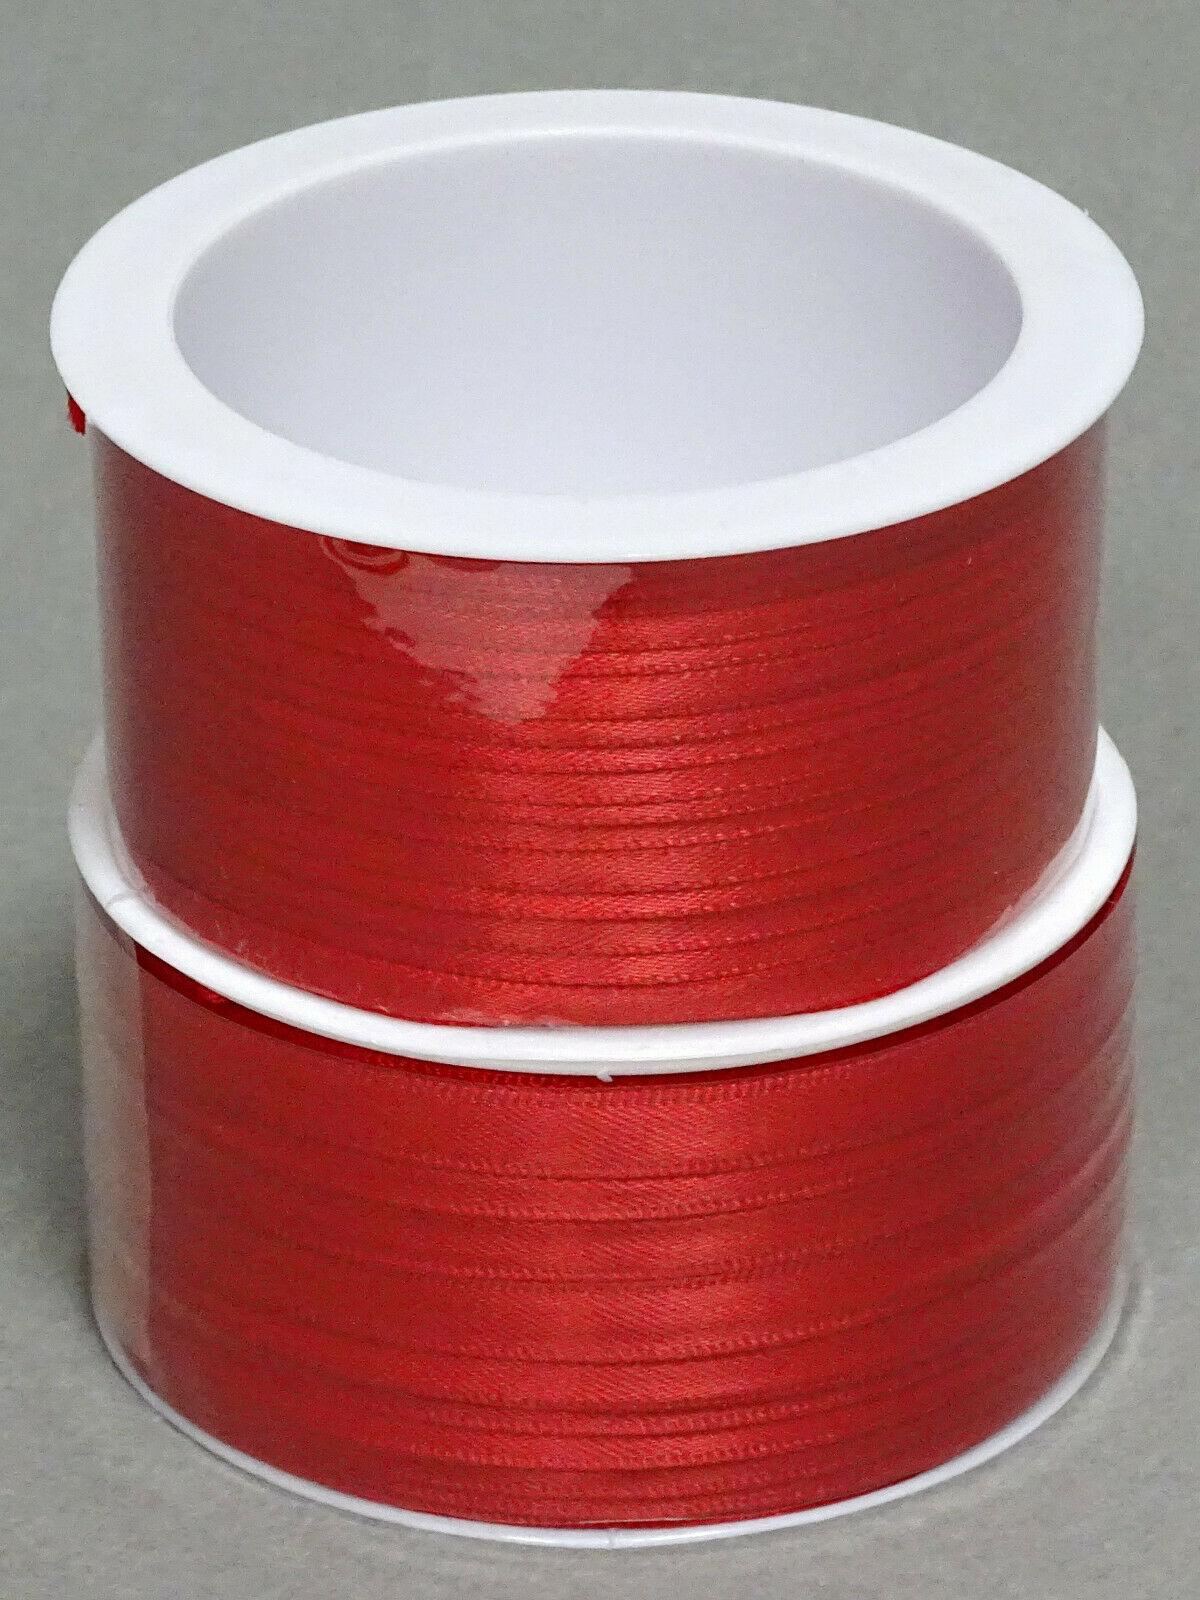 Satinband Schleifenband 50m x 3mm / 6mm Dekoband ab 0,05 €/m Geschenkband Rolle - Rot 123, 3 mm x 50 m